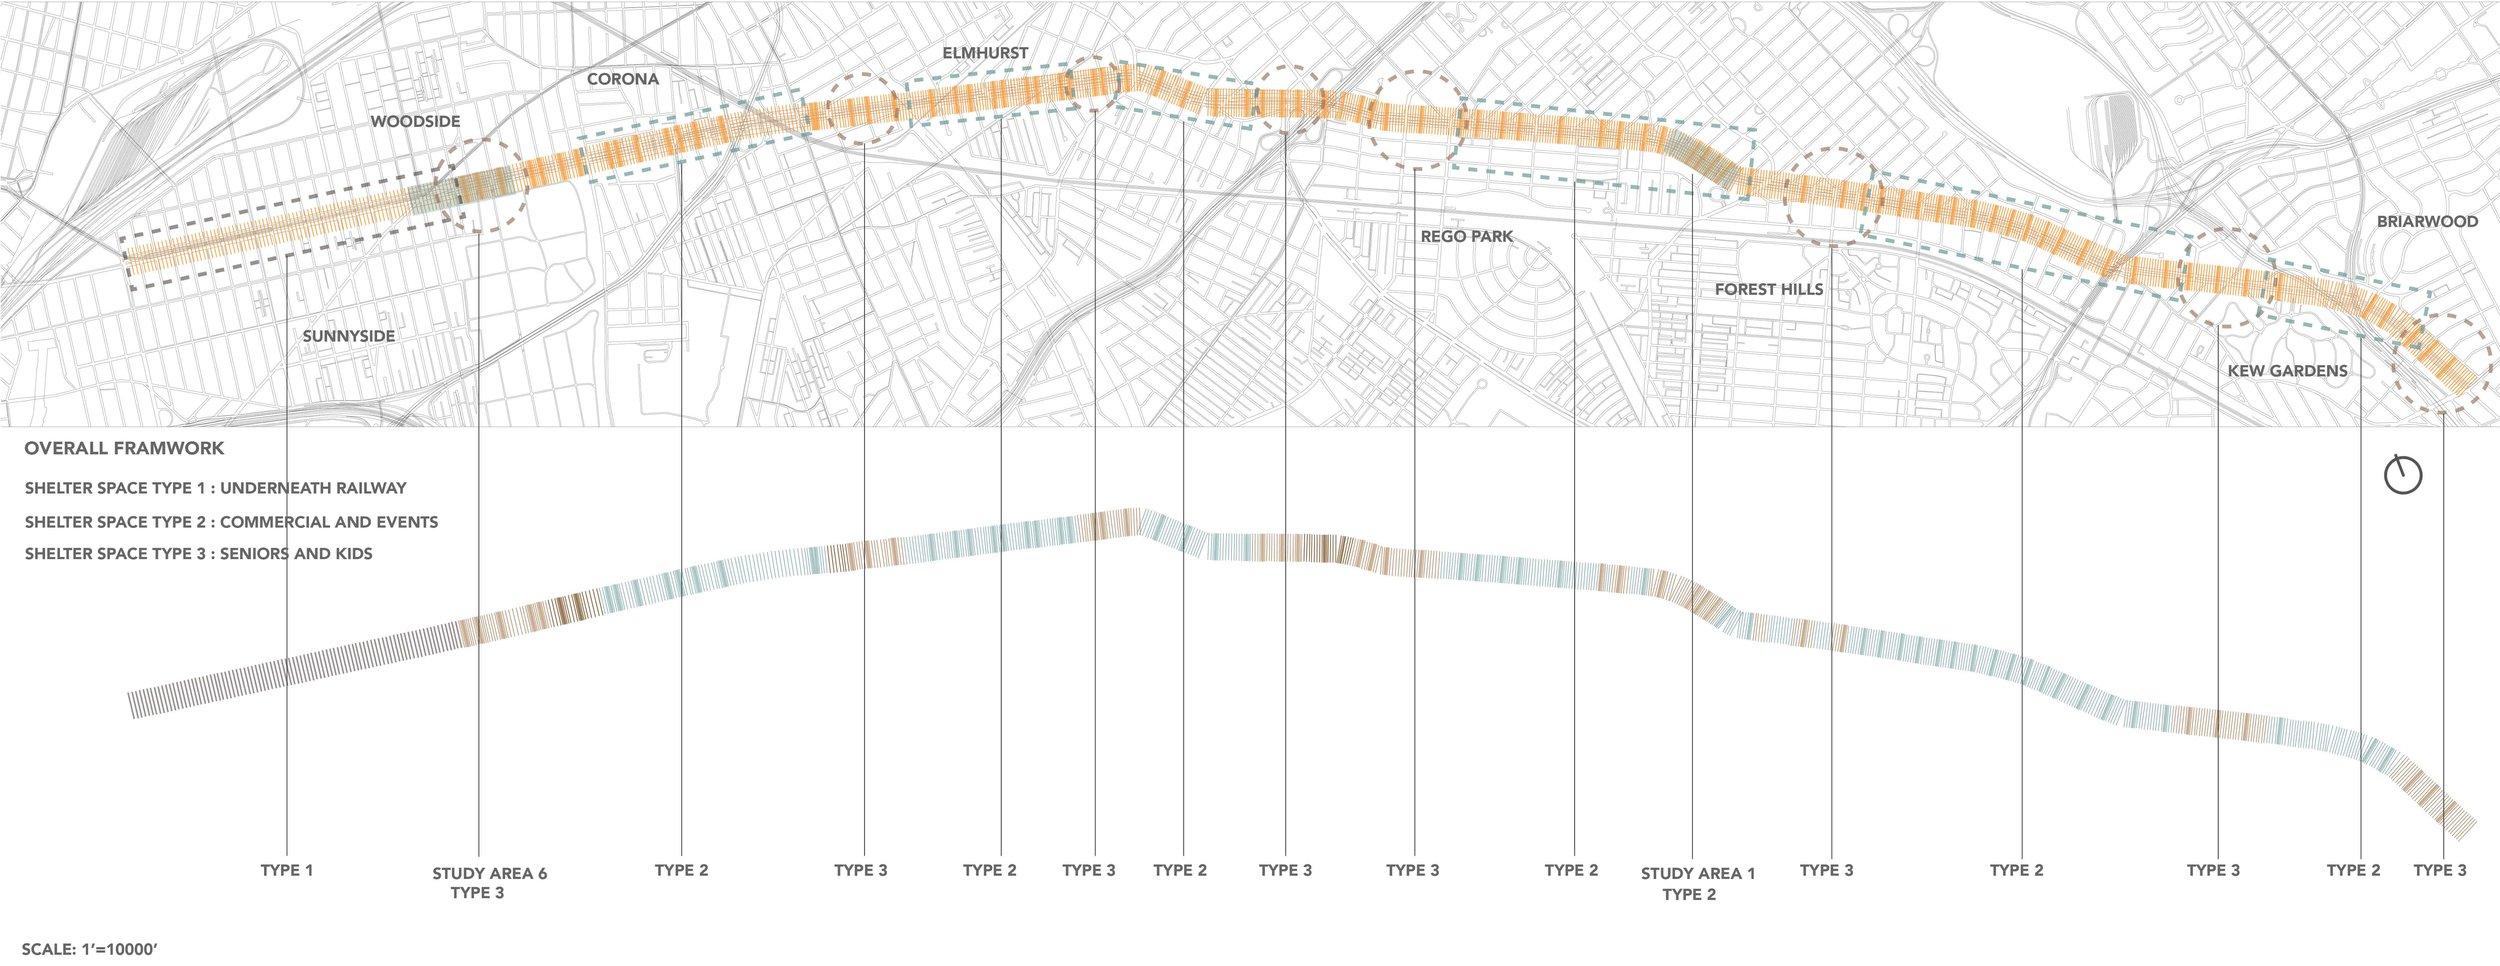 Overall Framework of Queens Boulevard.